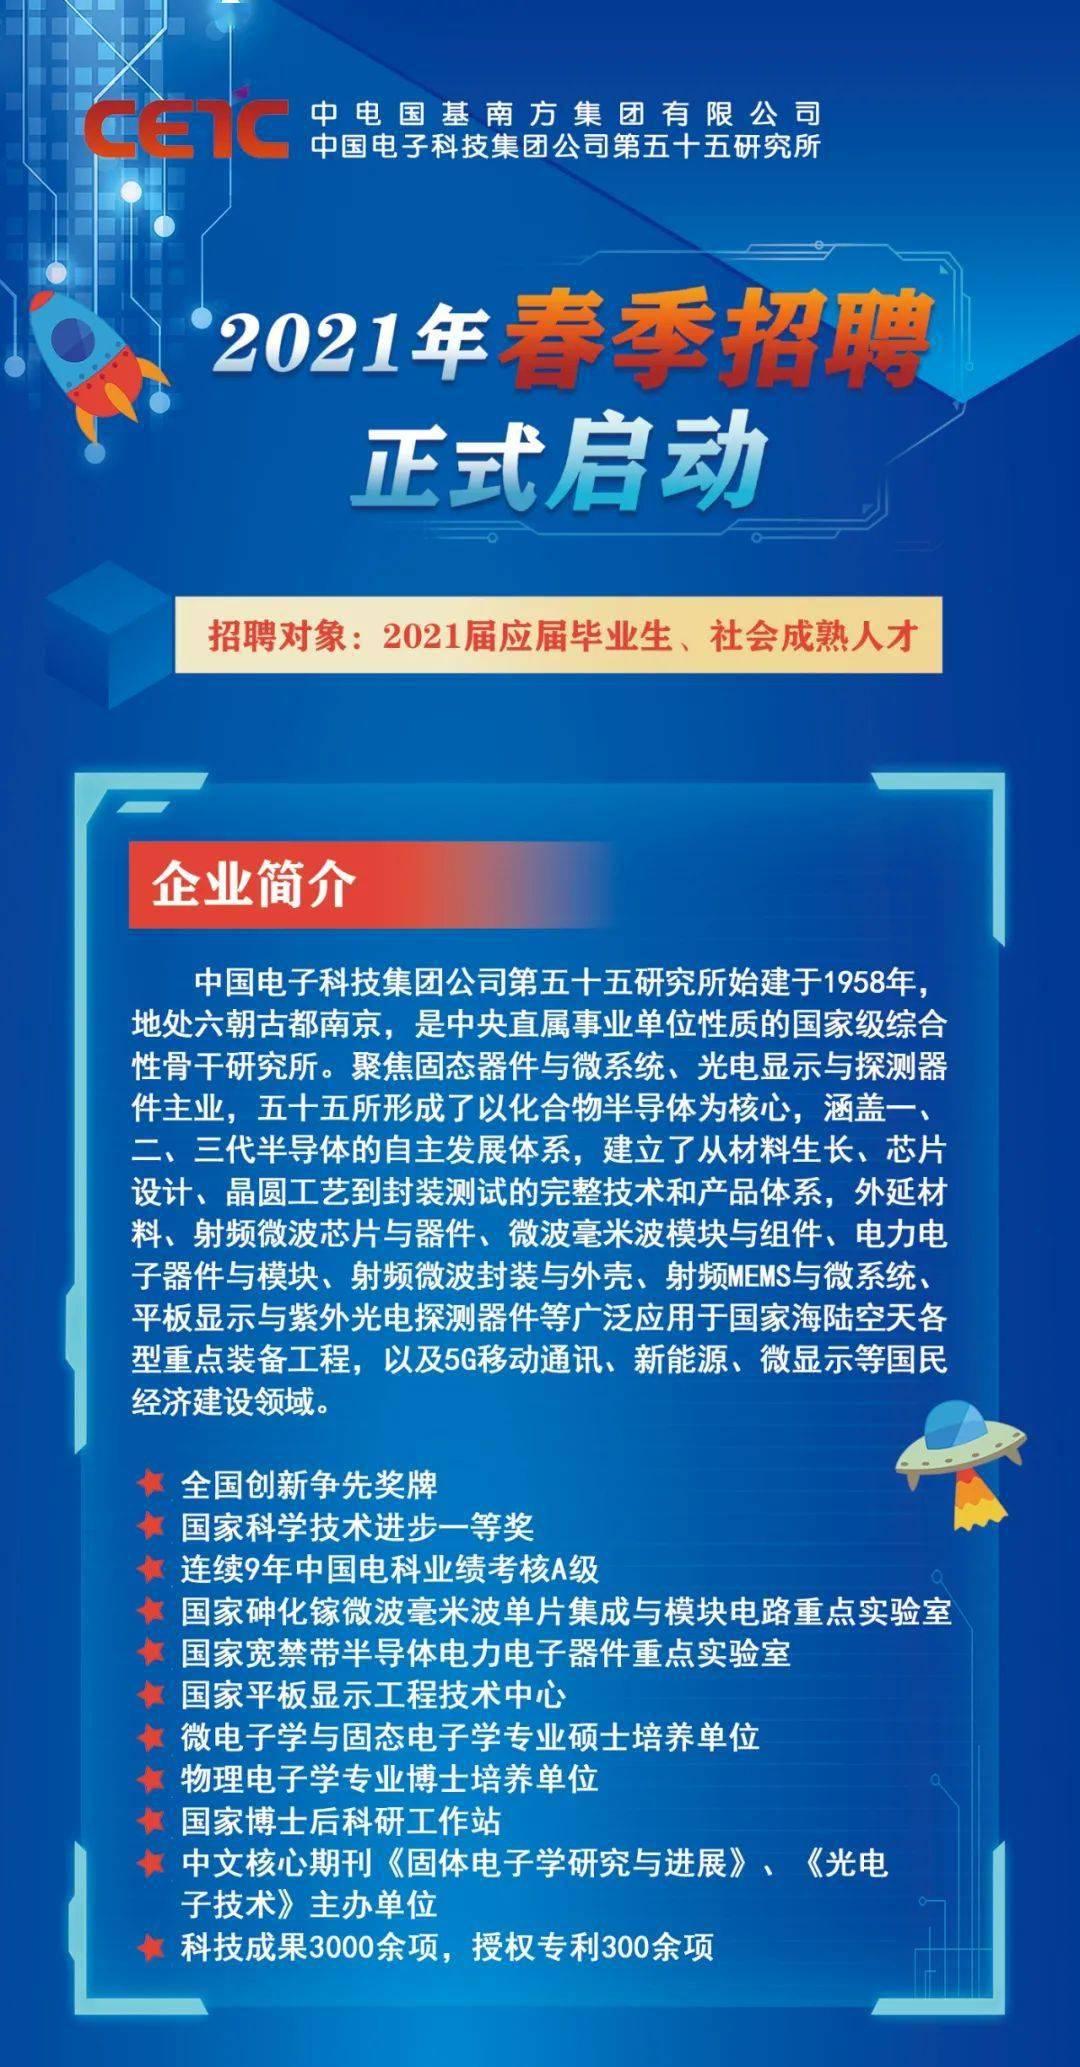 2021年春季第55届中国电子事业部招聘正式启动